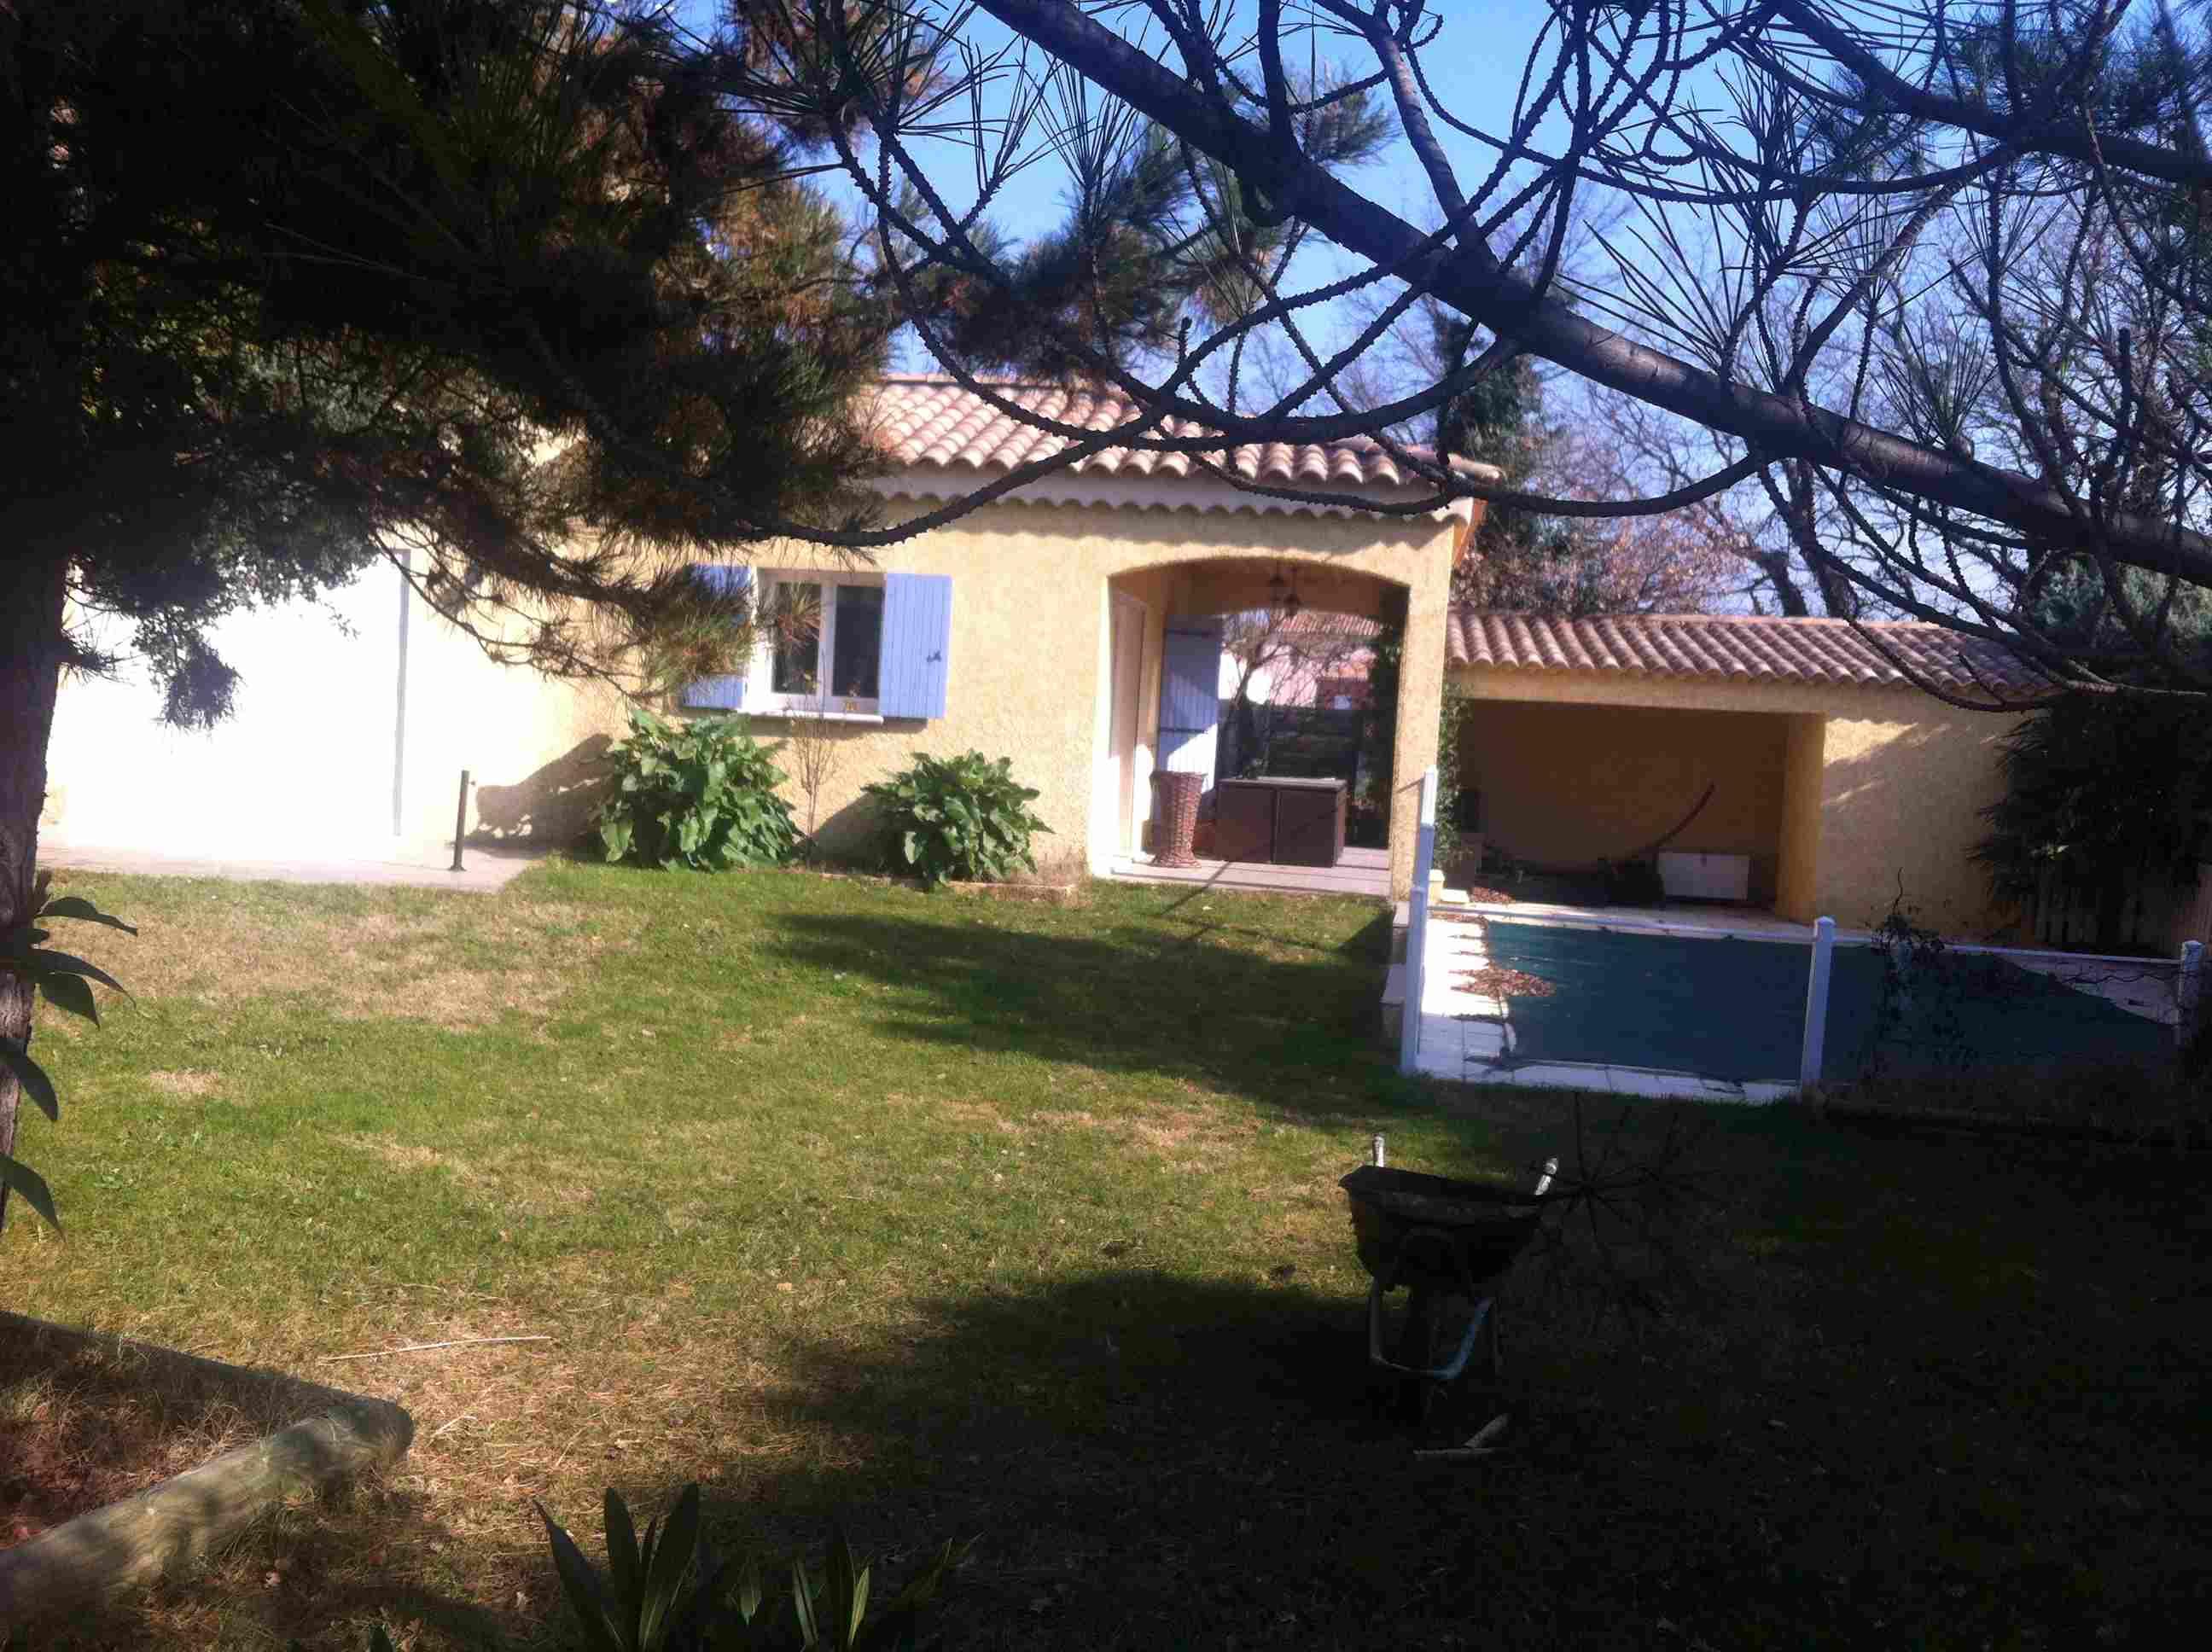 villa étage 130 m² + piscine 9 x 4 m